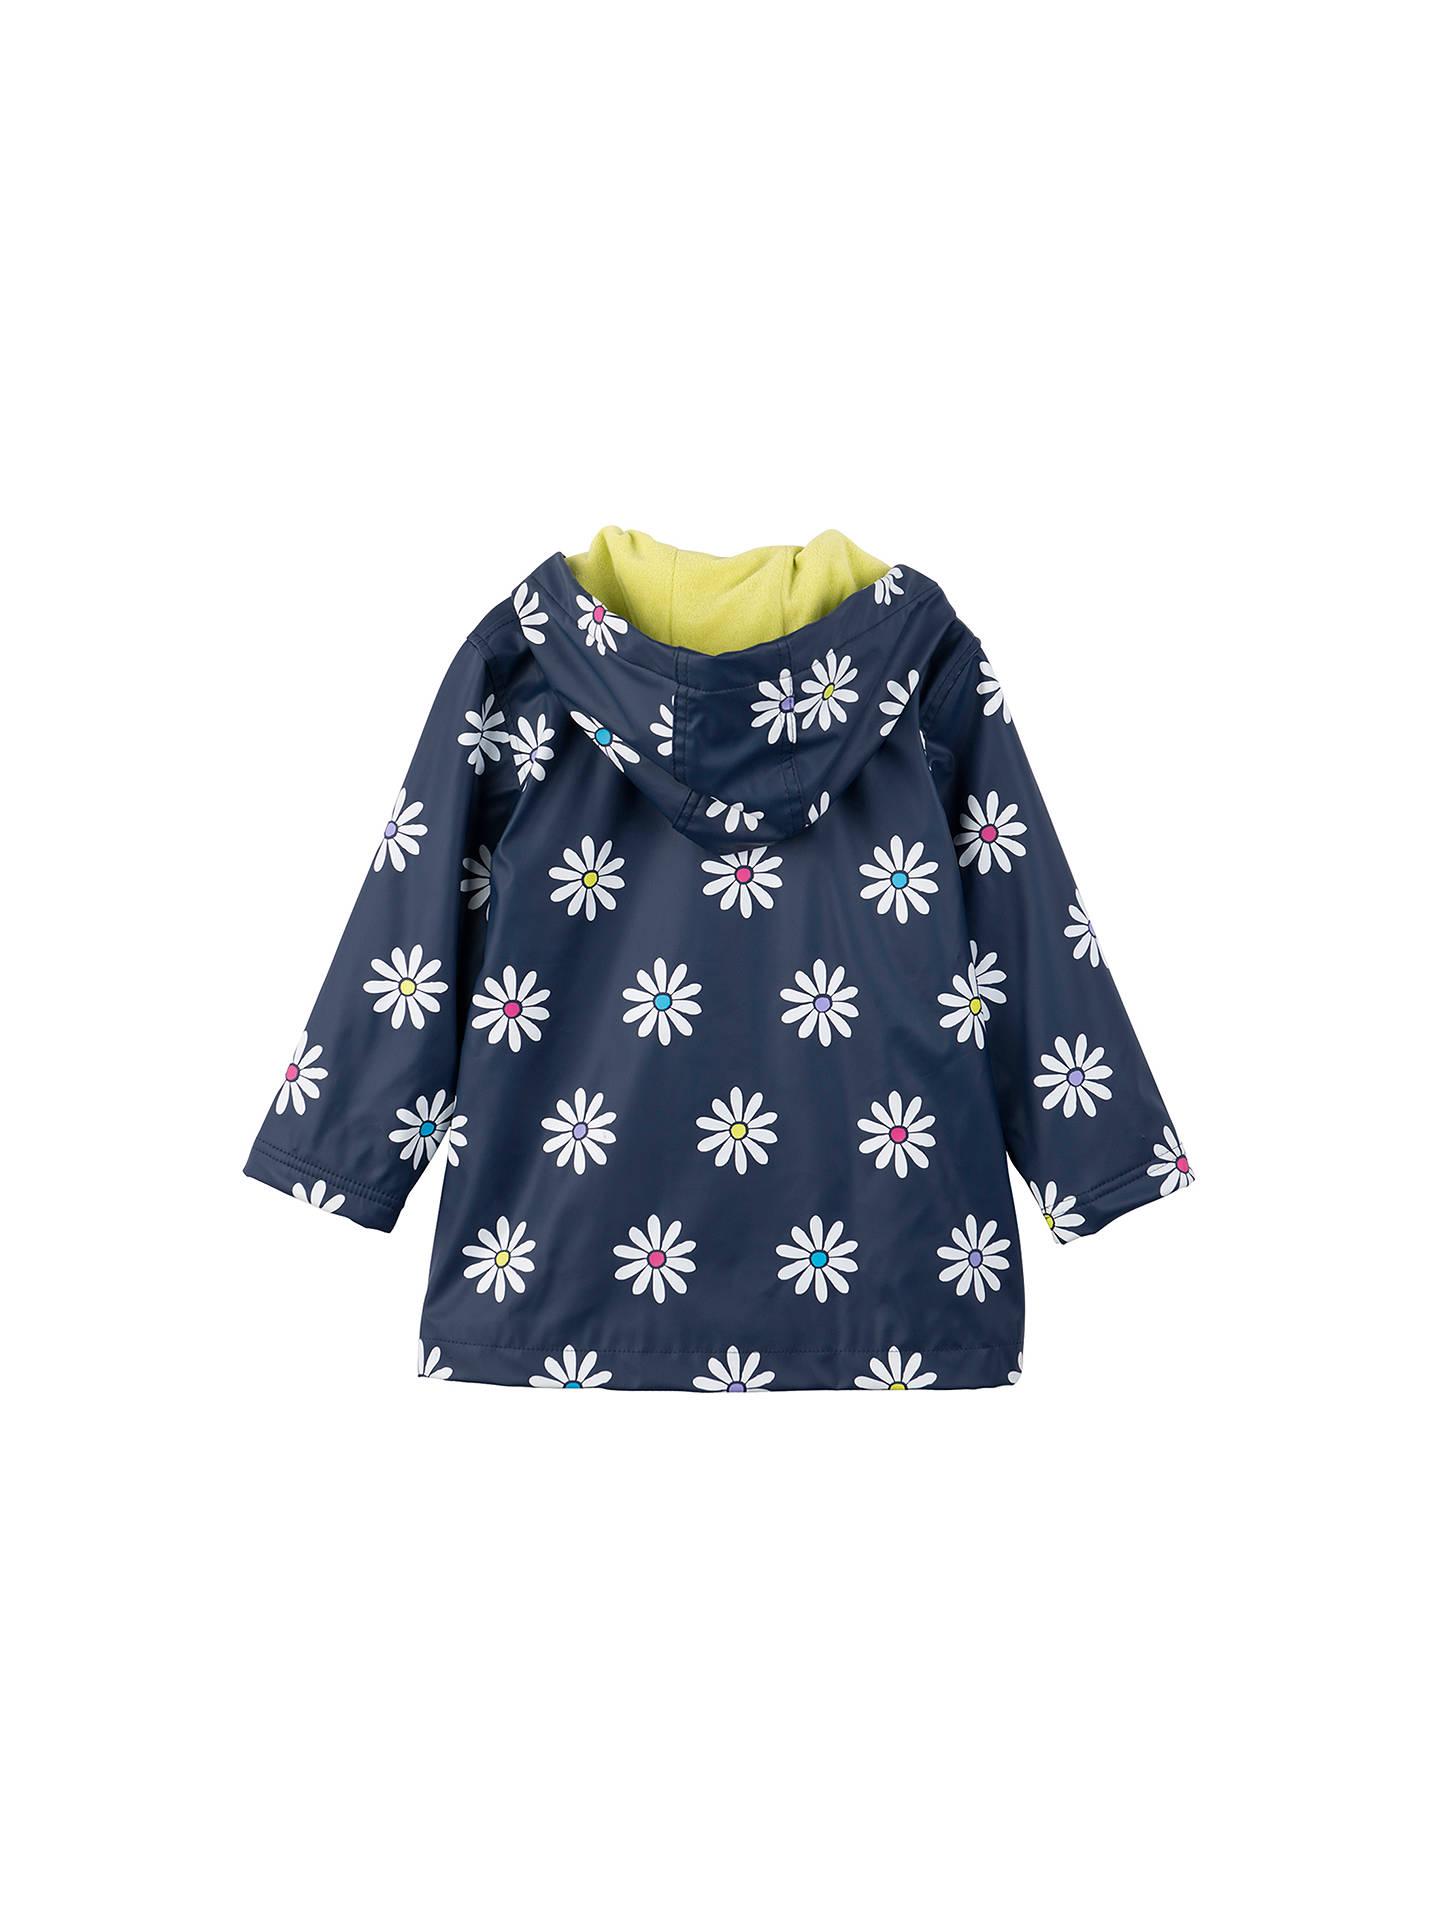 Hatley Raincoat sunny daisy NEW SEASON